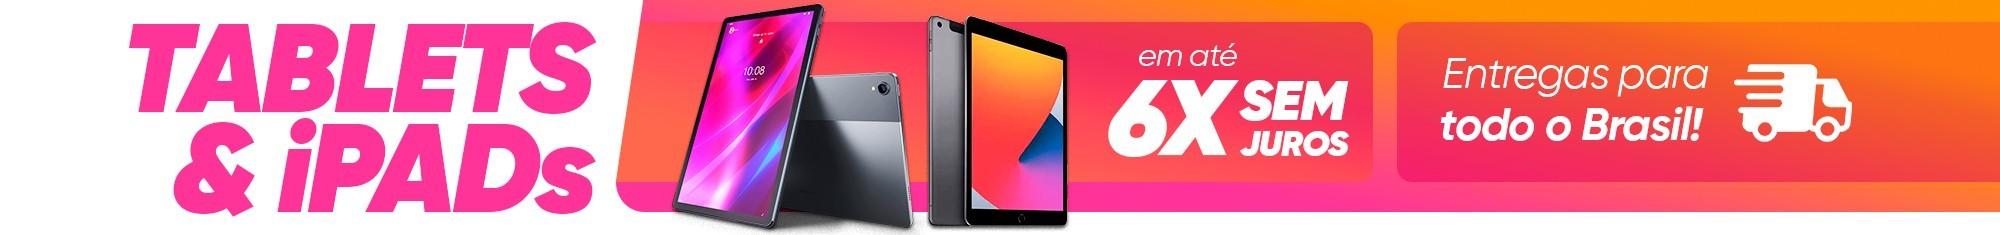 Tablet Philco: 7,9 polegadas e mais